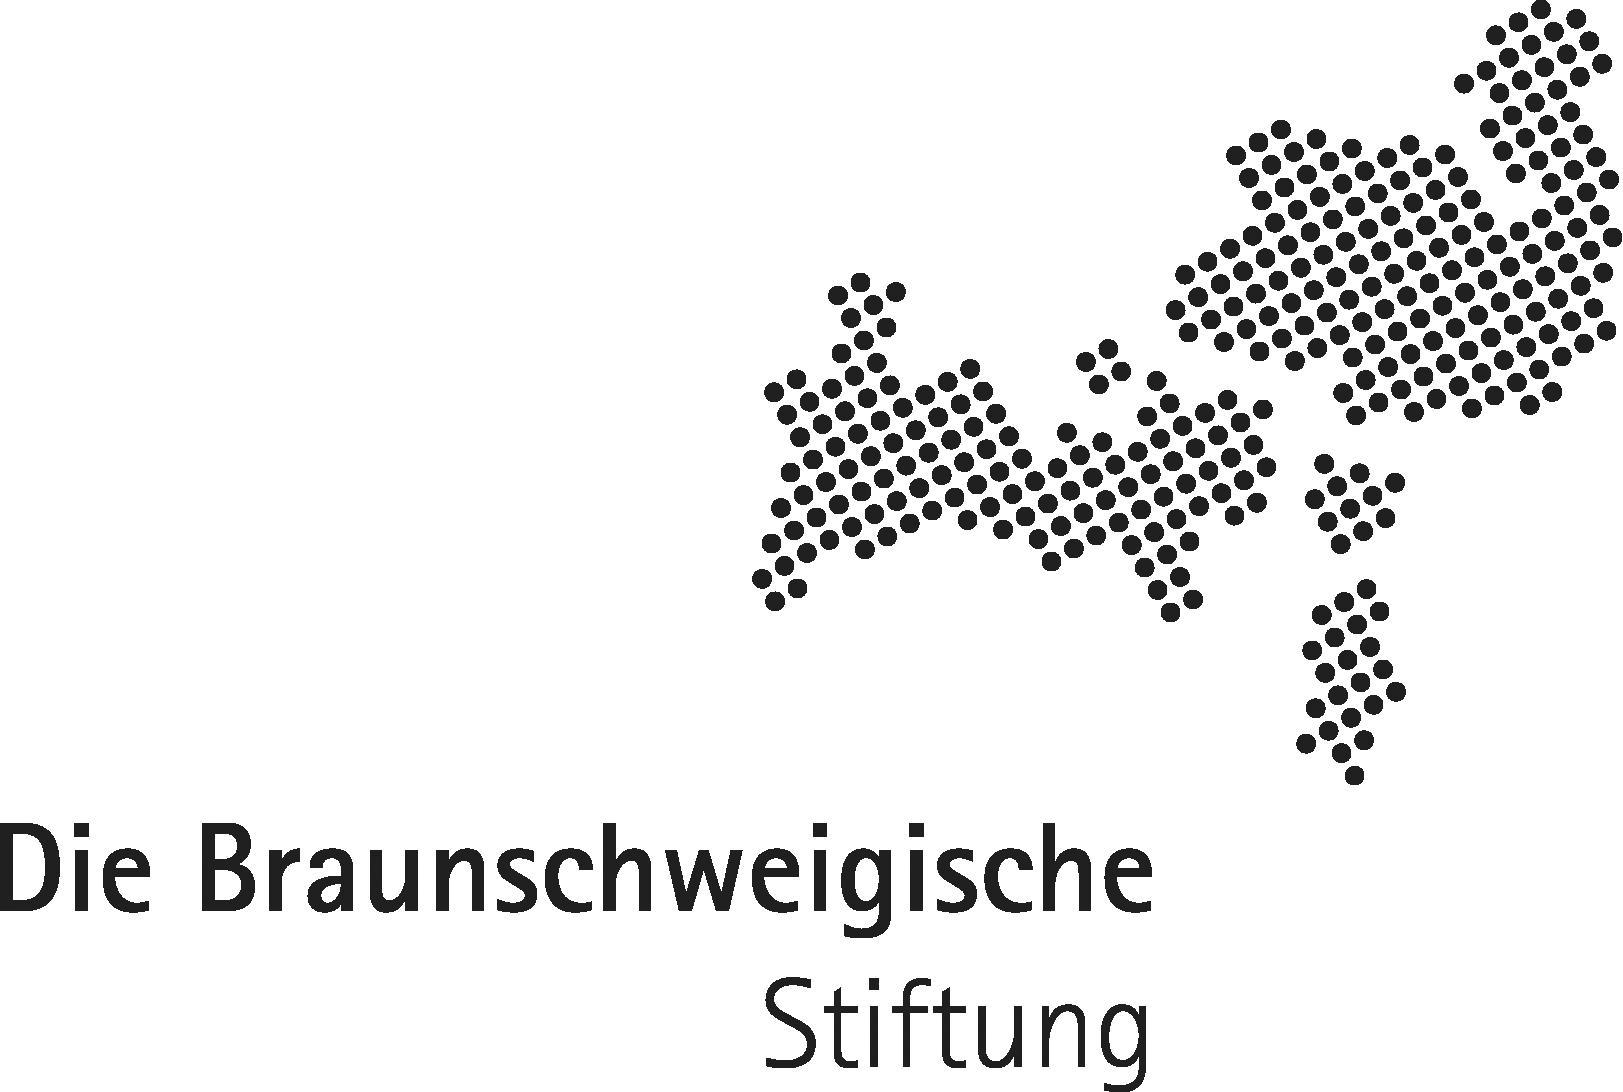 dbs_Stiftung